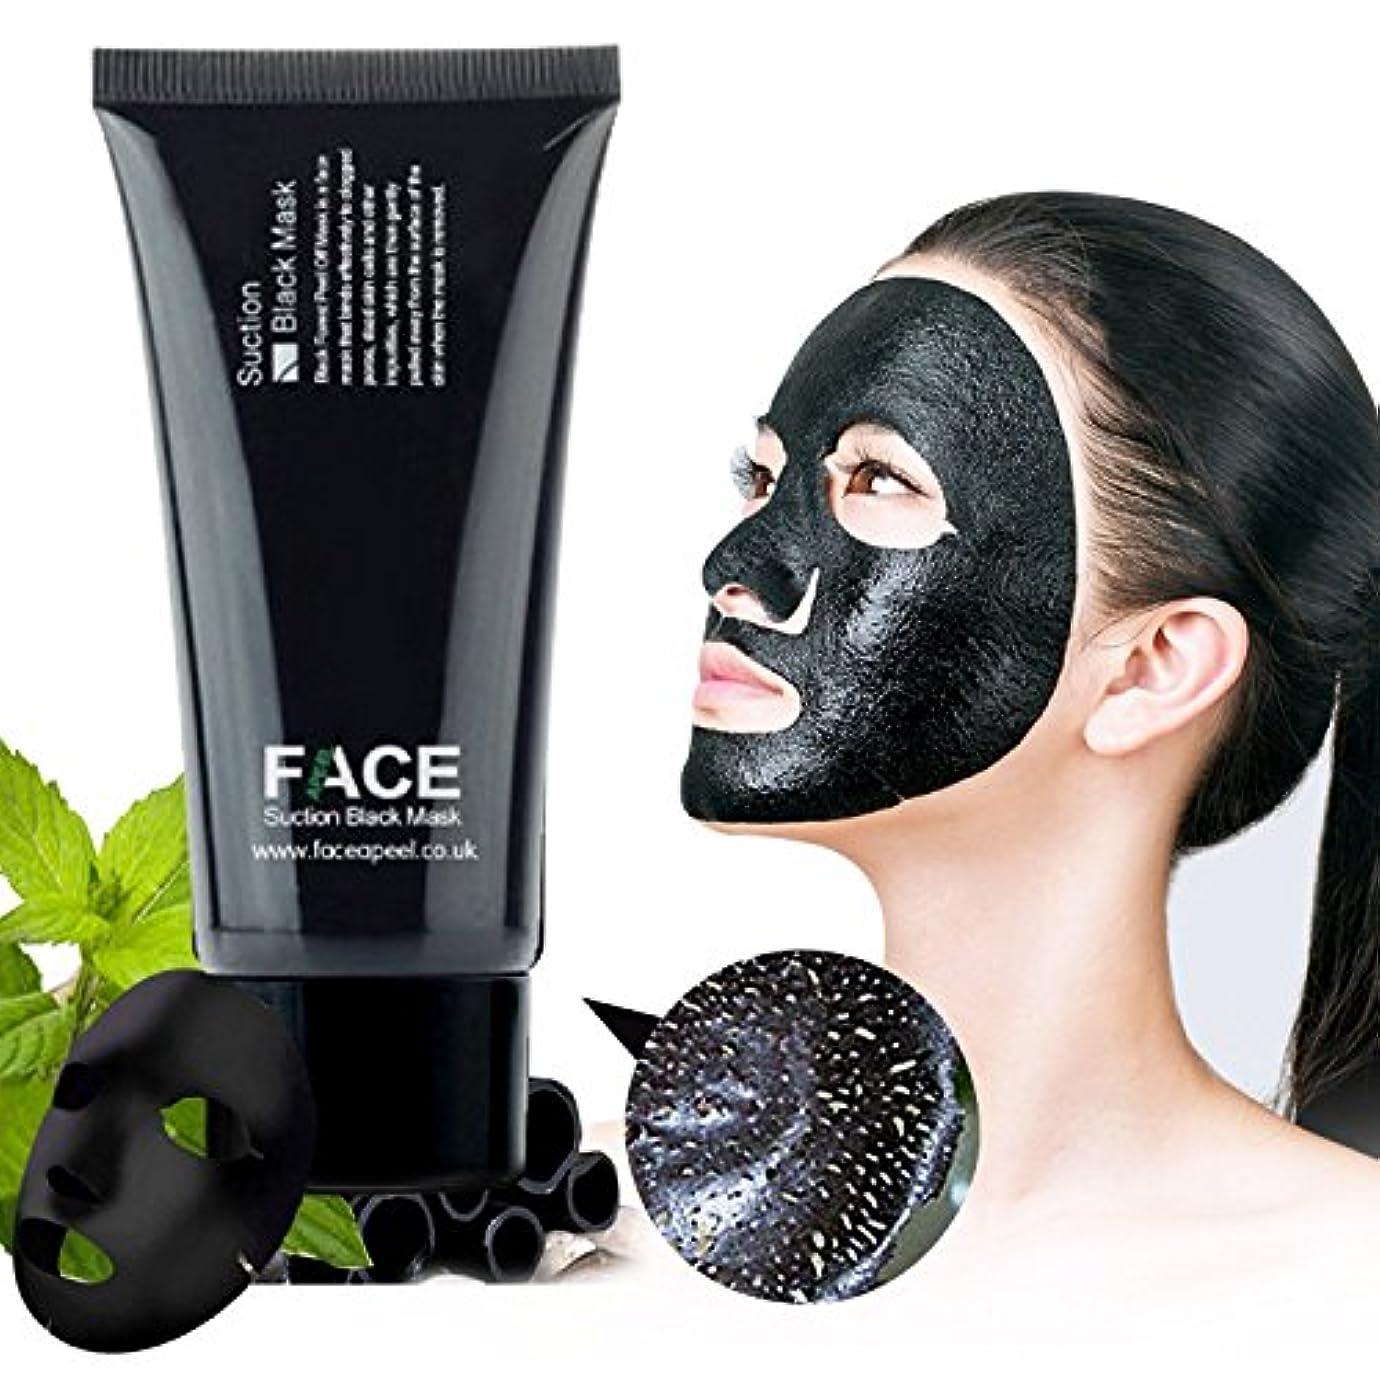 履歴書沿って成長FaceApeel Blackheadリムーバーマスク[Blackheadsを取り除く] - プレミアム品質Black Pore Removalは、Face For Faceマスクを剥がす